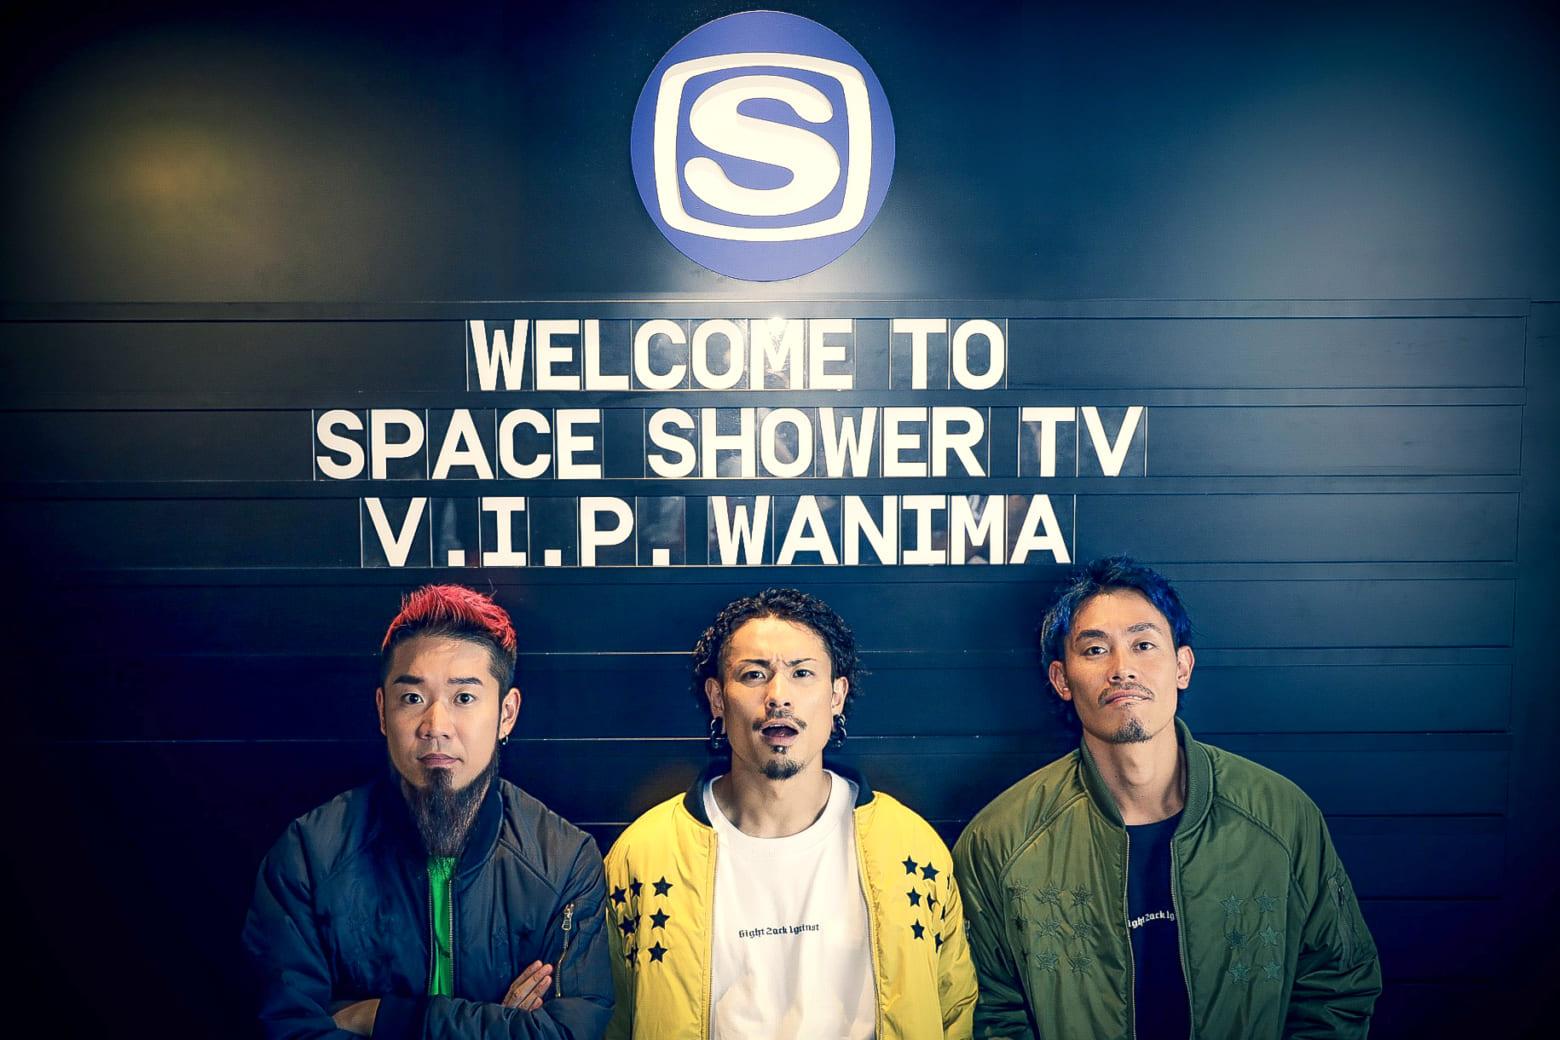 スペースシャワーTV「V.I.P. ―WANIMA―」